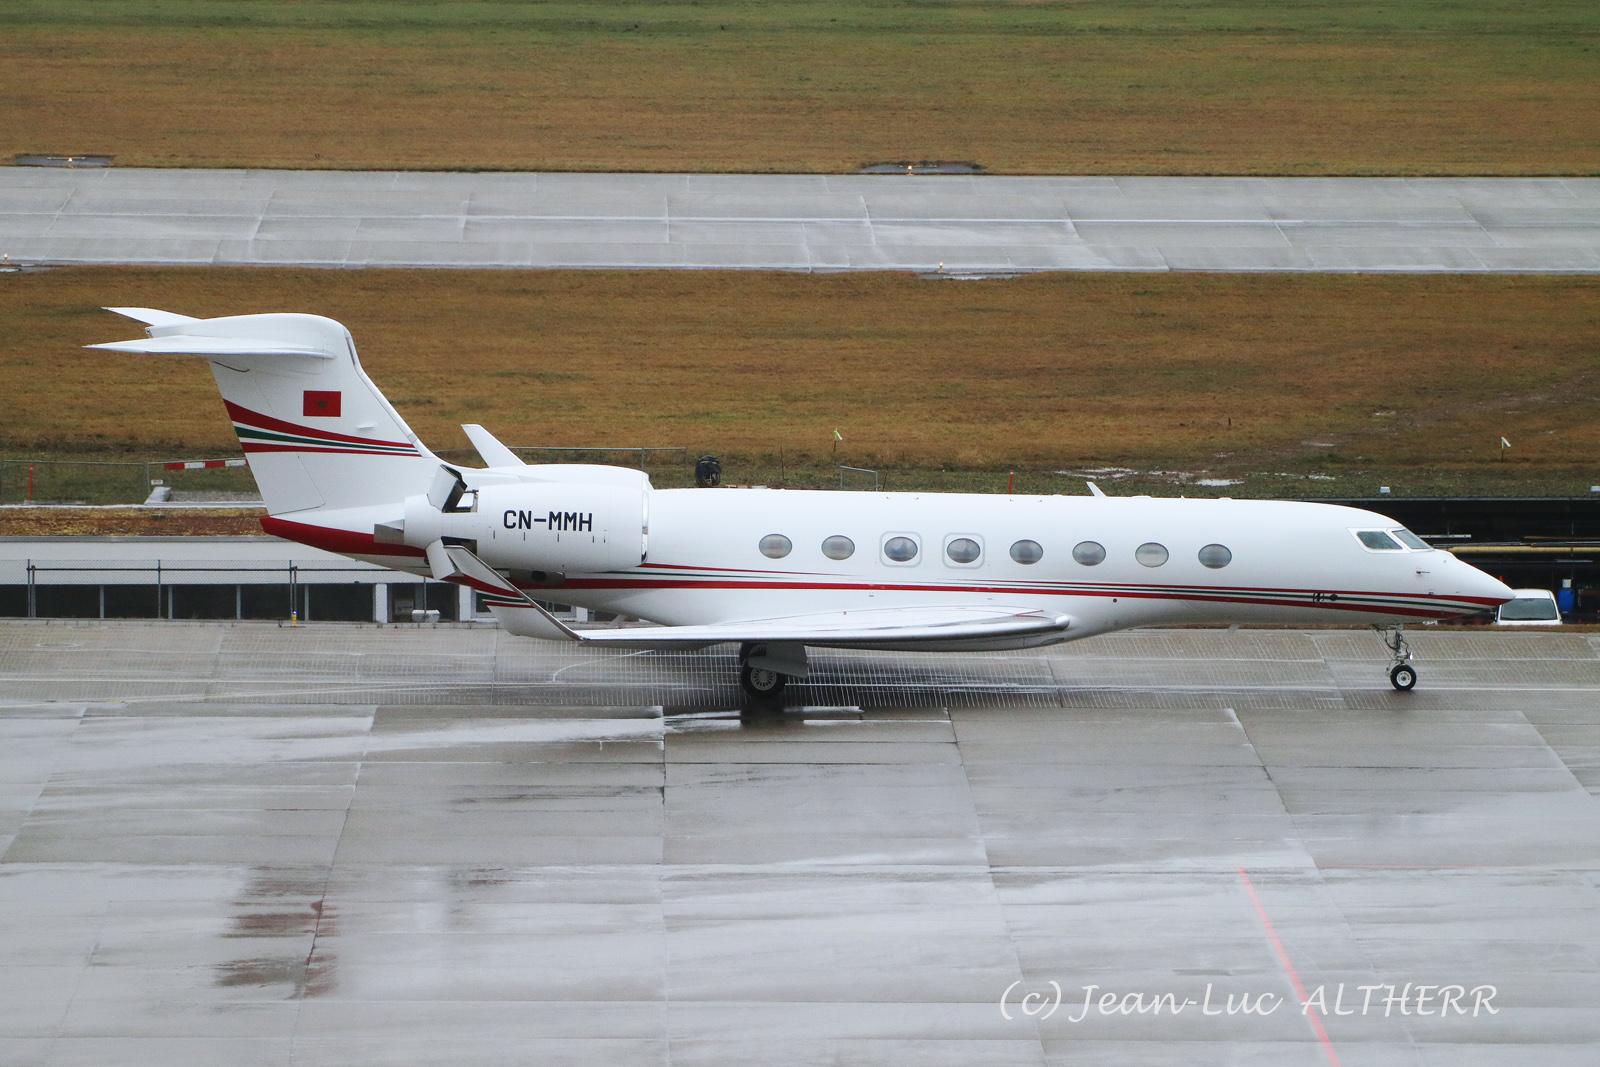 FRA: Avions VIP, Liaison & ECM - Page 25 50887171016_49f1be147a_o_d